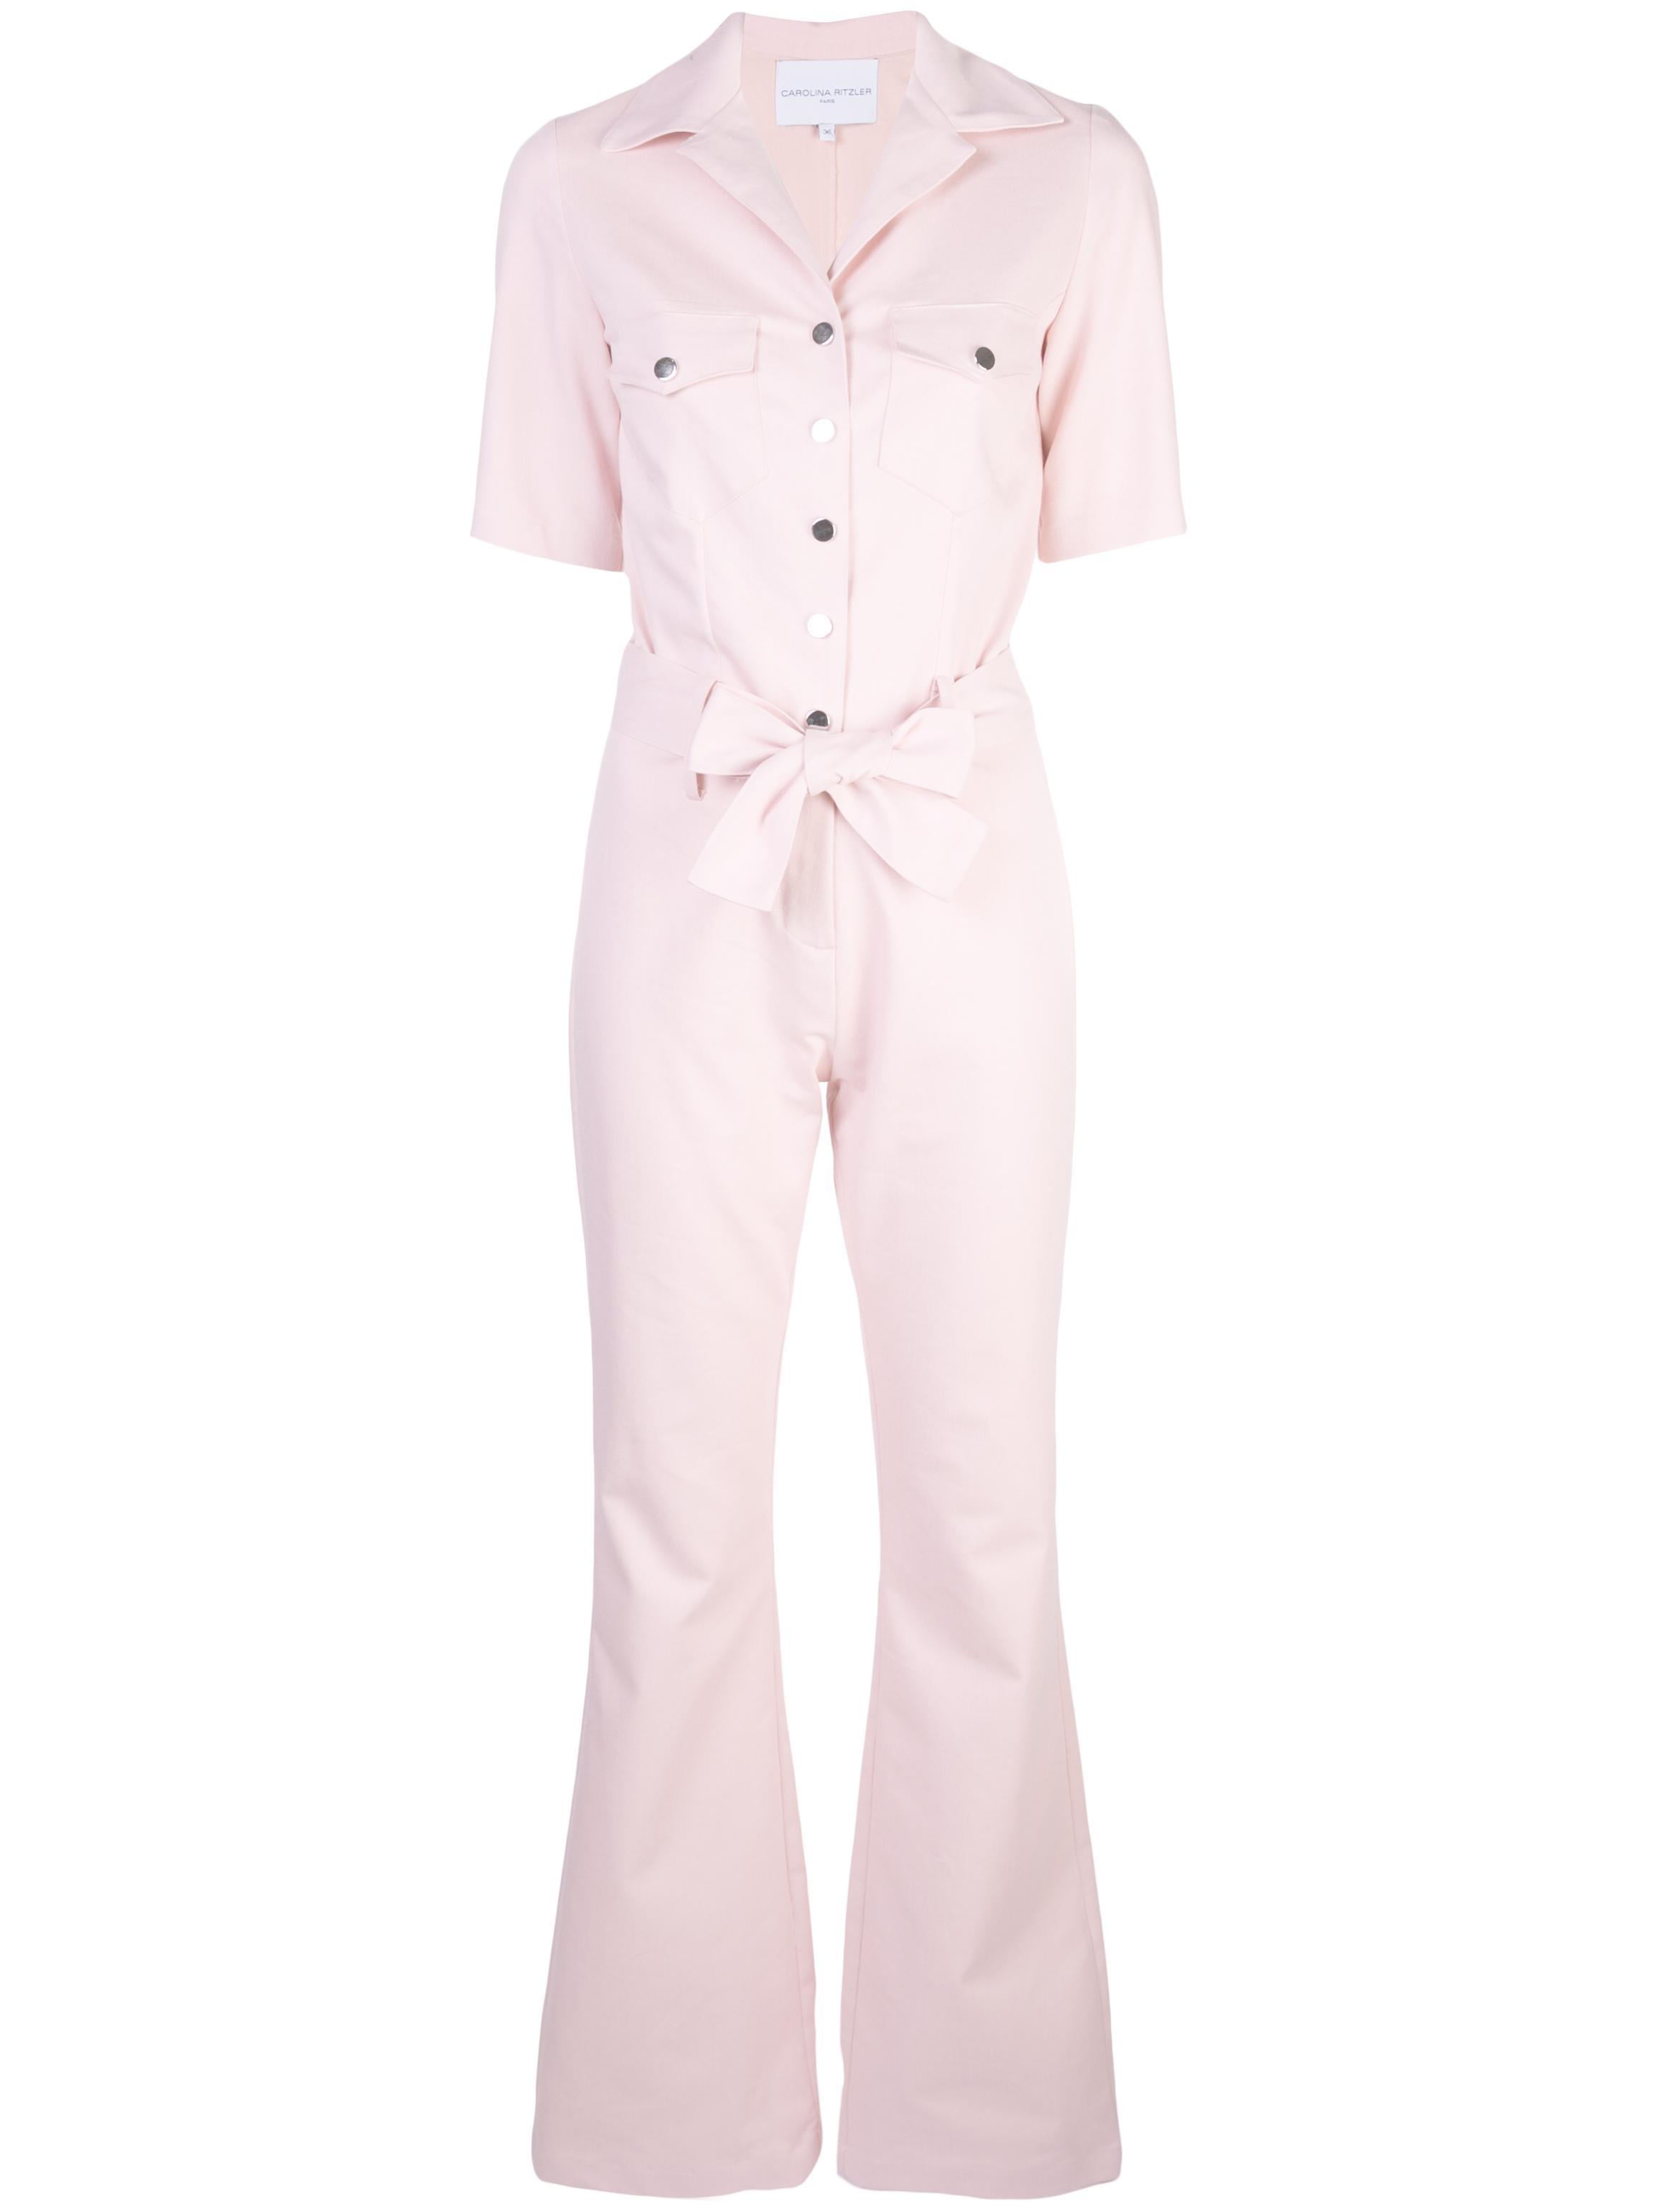 Sofia Short Sleeve Buttondown Jumpsuit Item # 719J06P